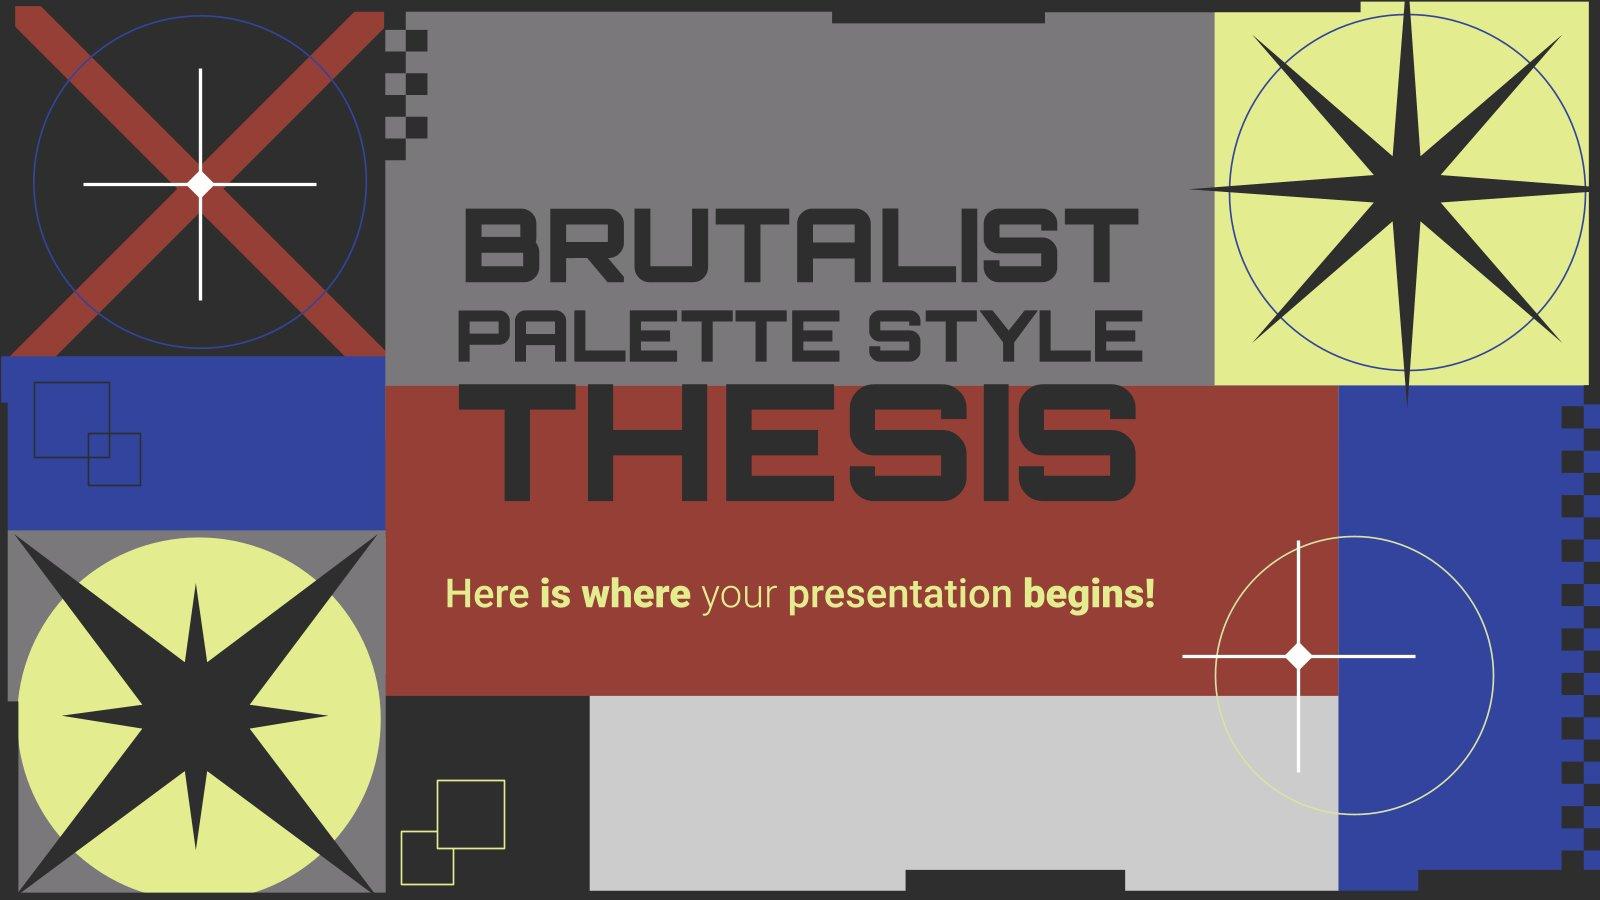 Modelo de apresentação Tese de paleta de estilo brutalista